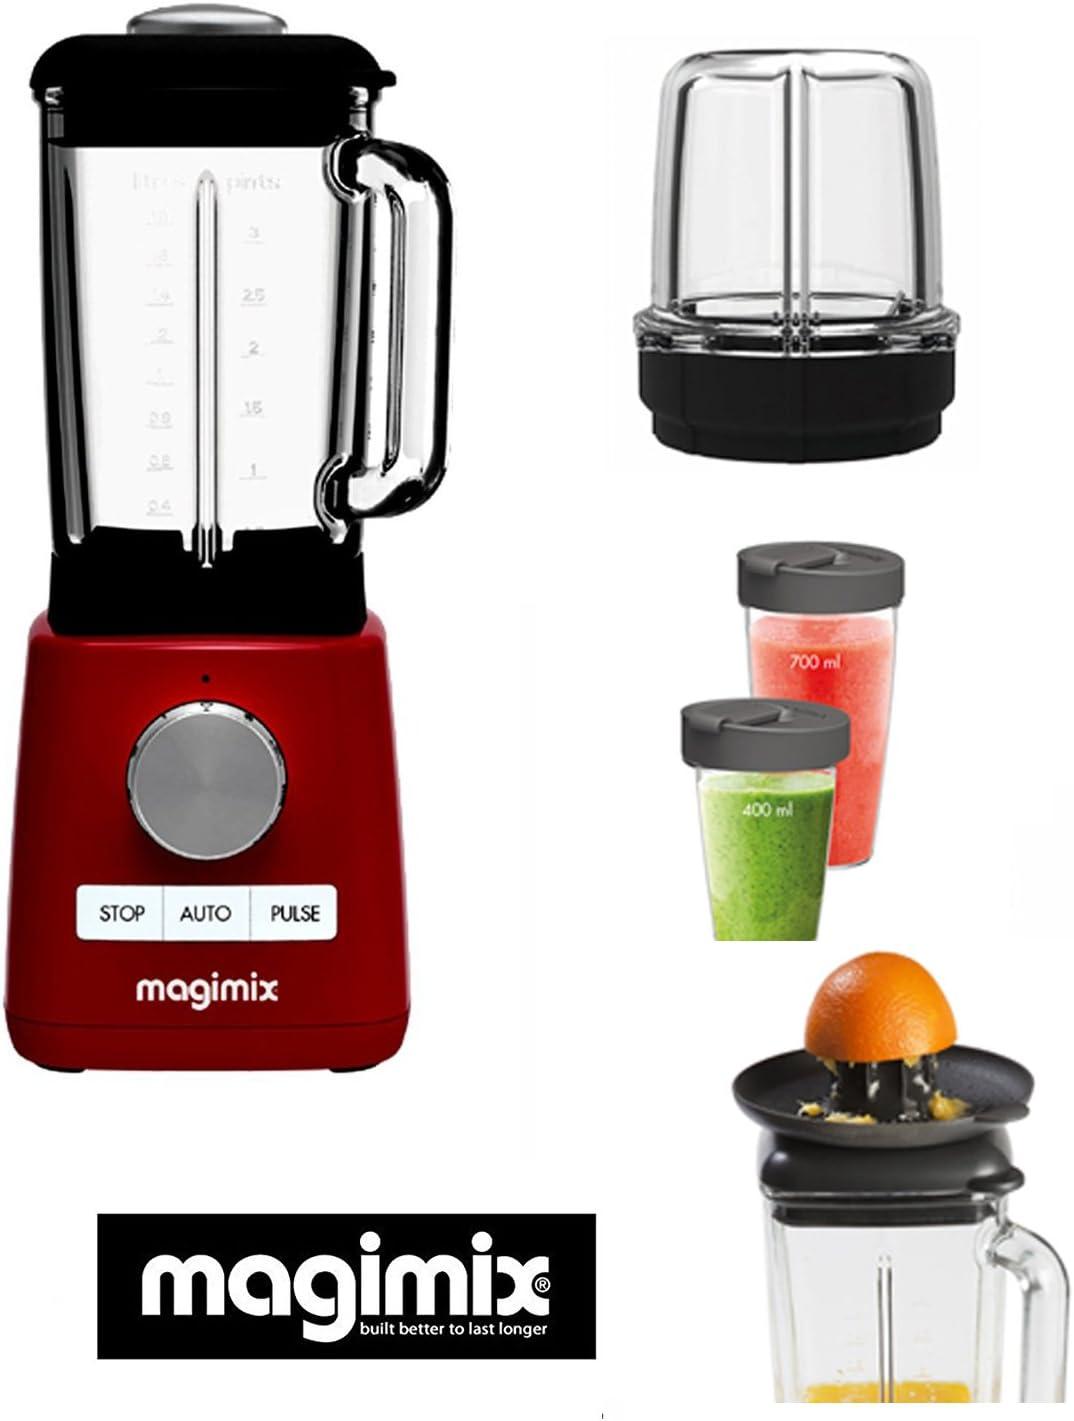 Magimix Power Batidora -Blender rojo new 1300-22000 rpm (+ 3 ACCESORIOS OPCIONALES : : mini vaso, esprimidor - blender cup)